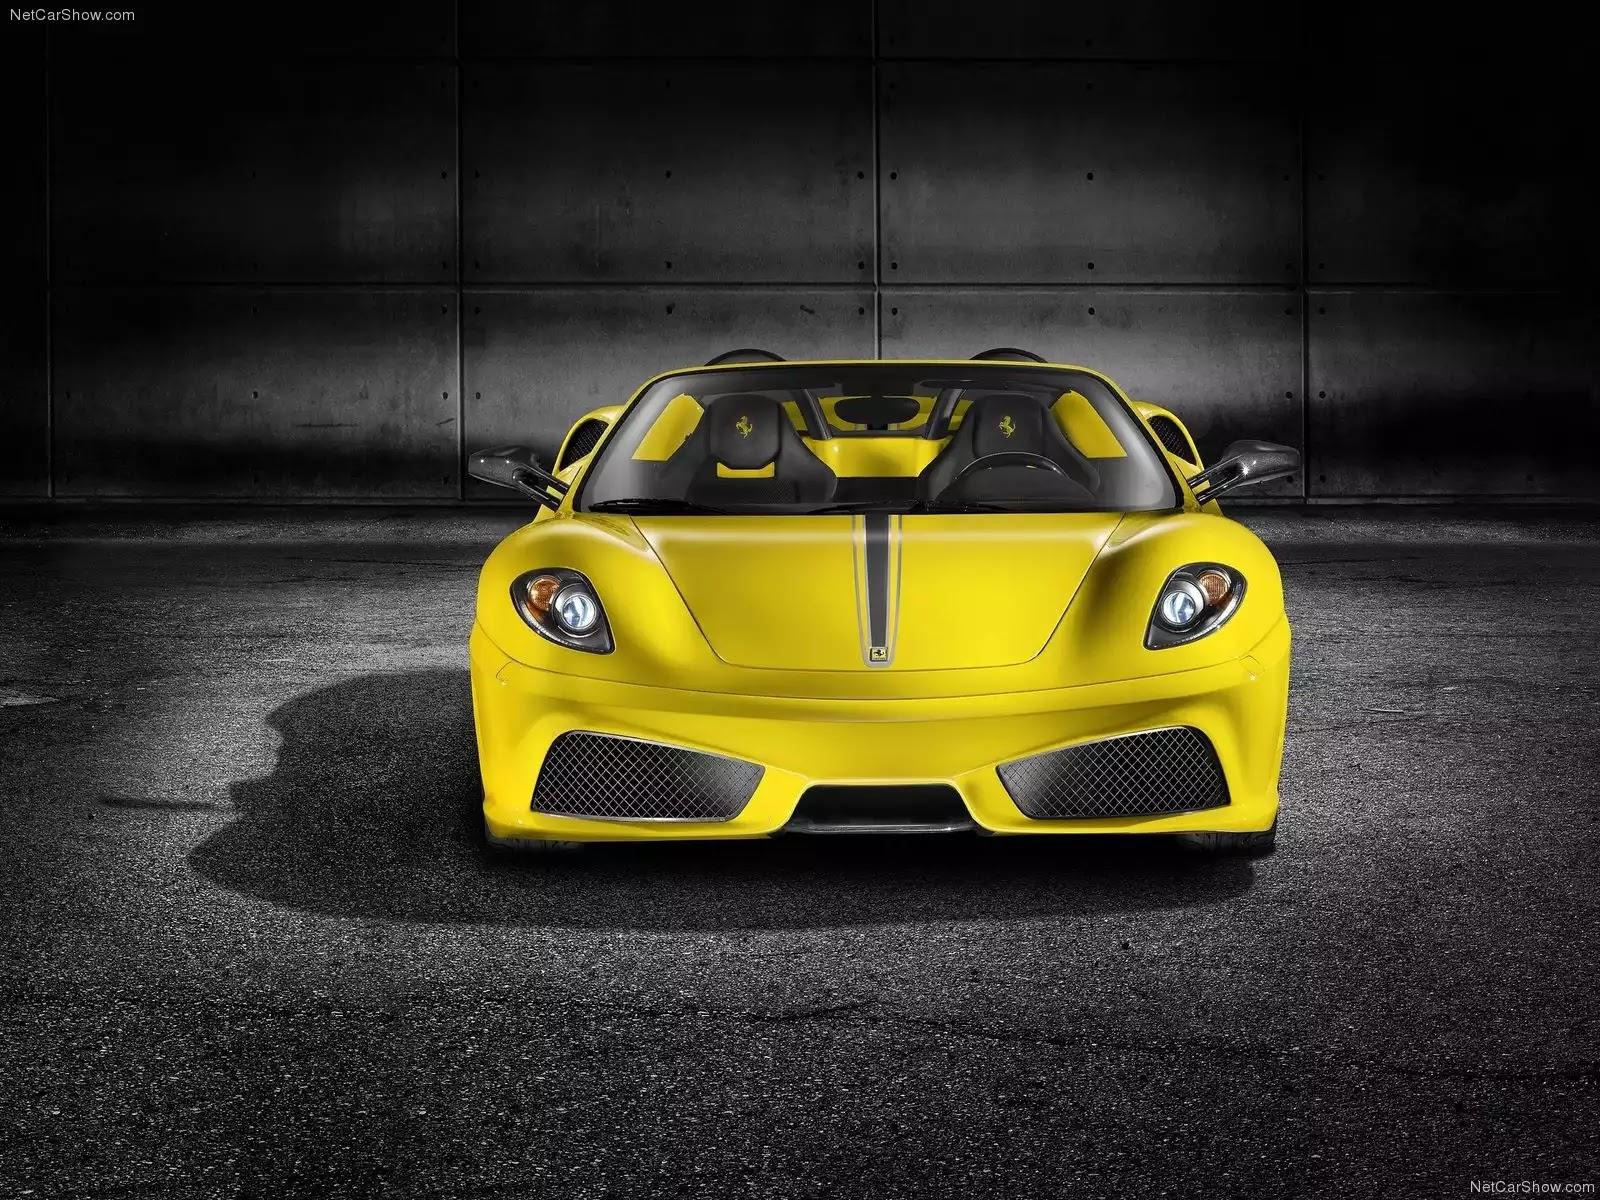 Hình ảnh siêu xe Ferrari Scuderia Spider 16M 2009 & nội ngoại thất